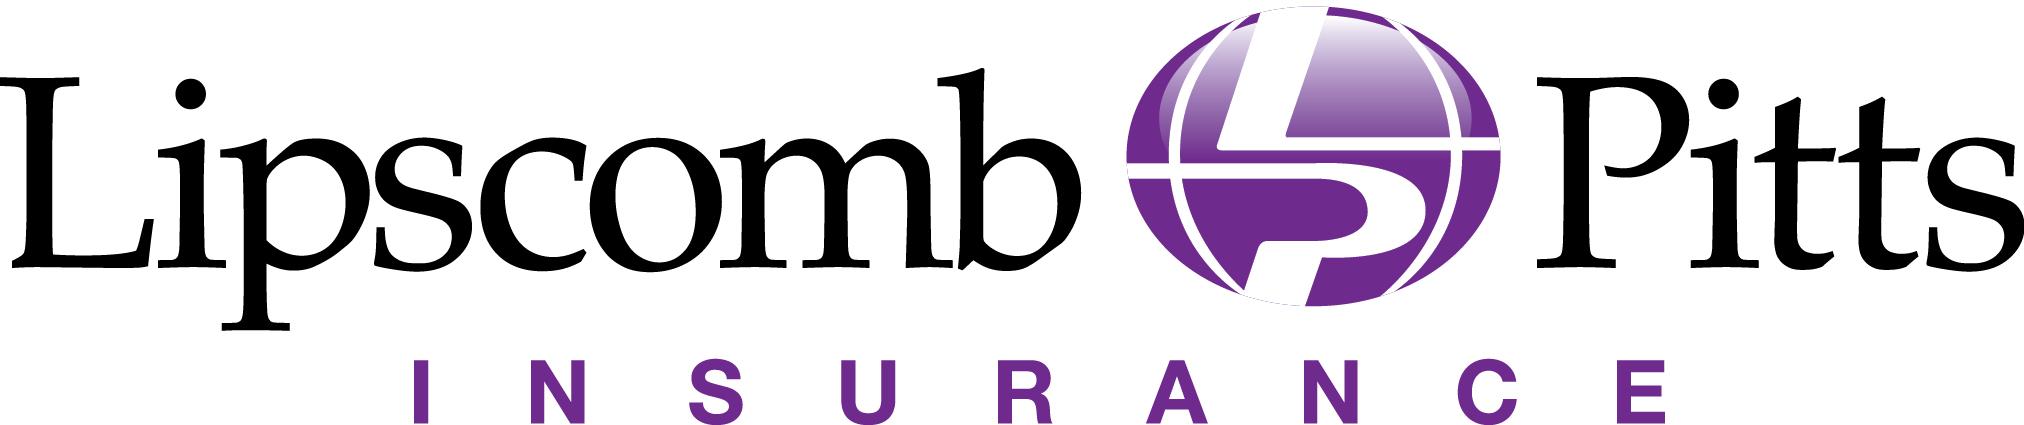 Lipscomb & Pitts Insurance LLC Company Logo